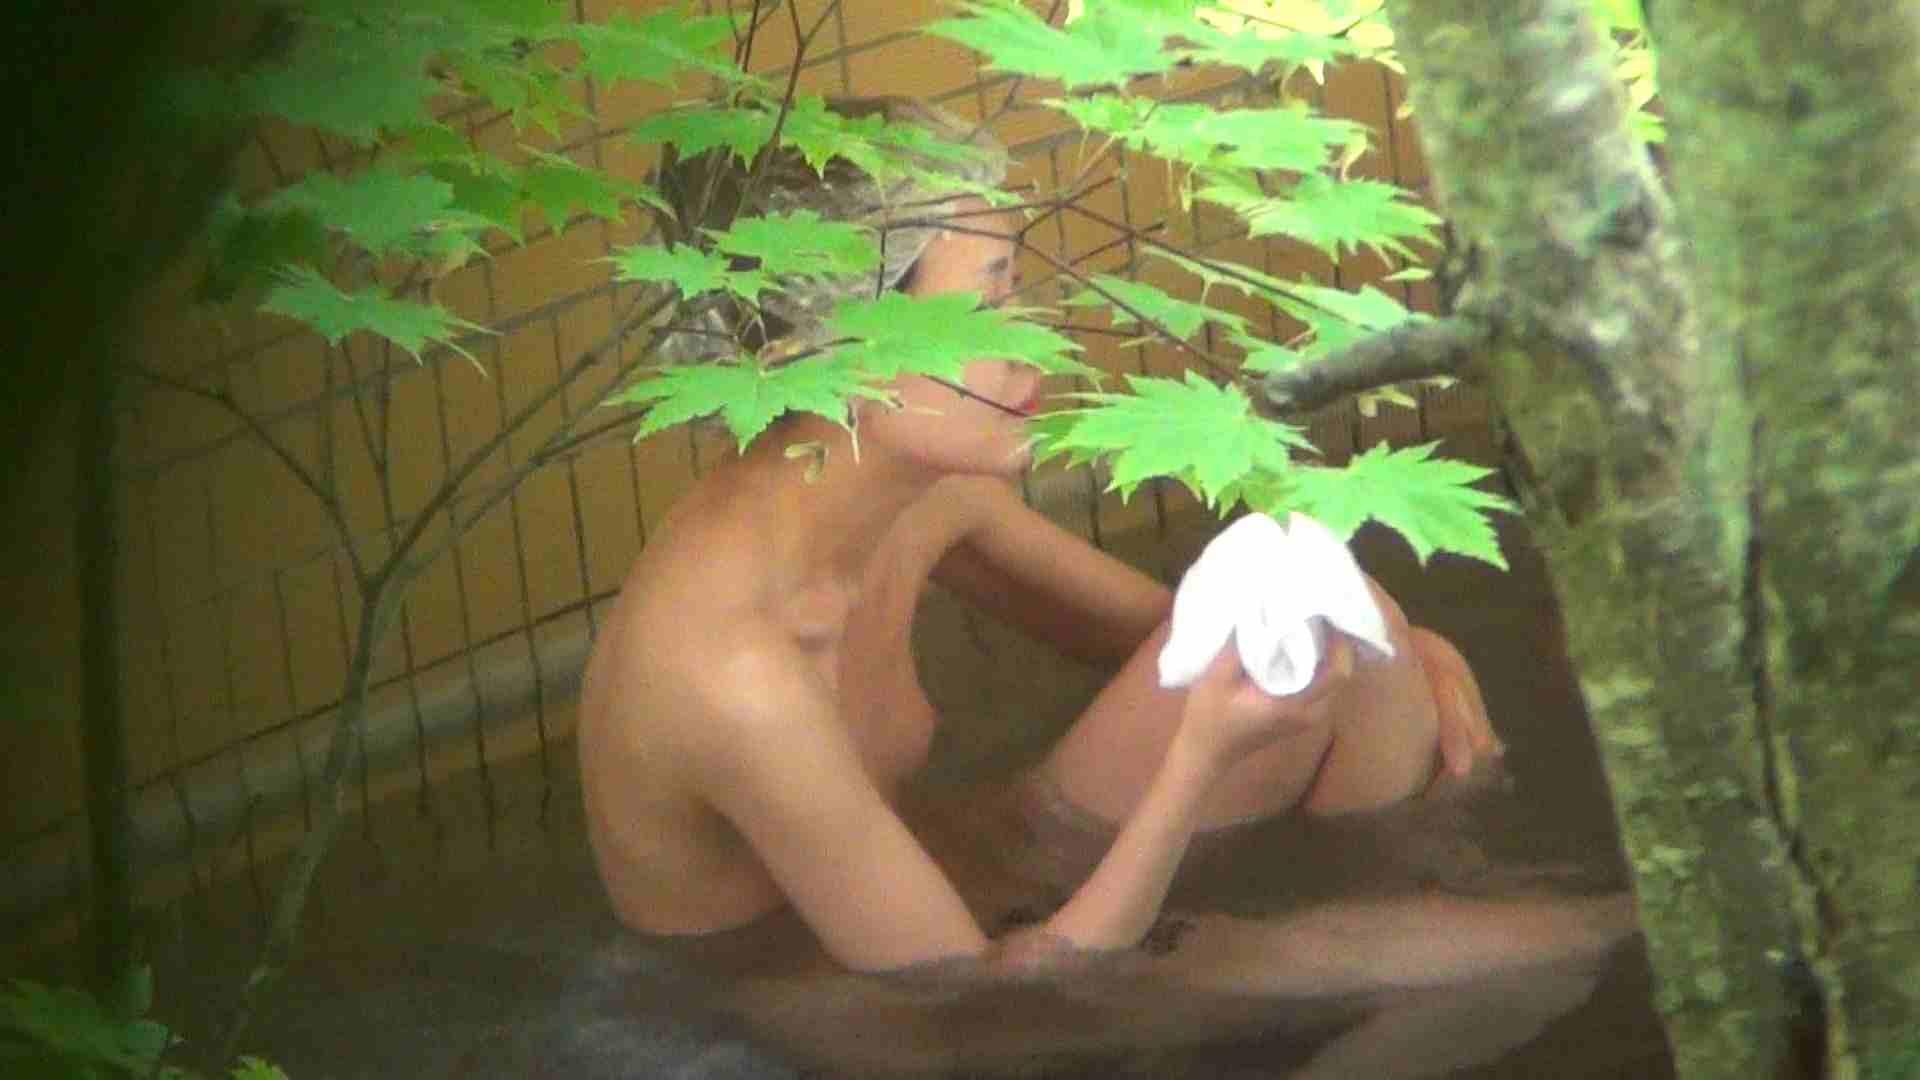 Aquaな露天風呂Vol.255 OL女体   女体盗撮  99連発 88